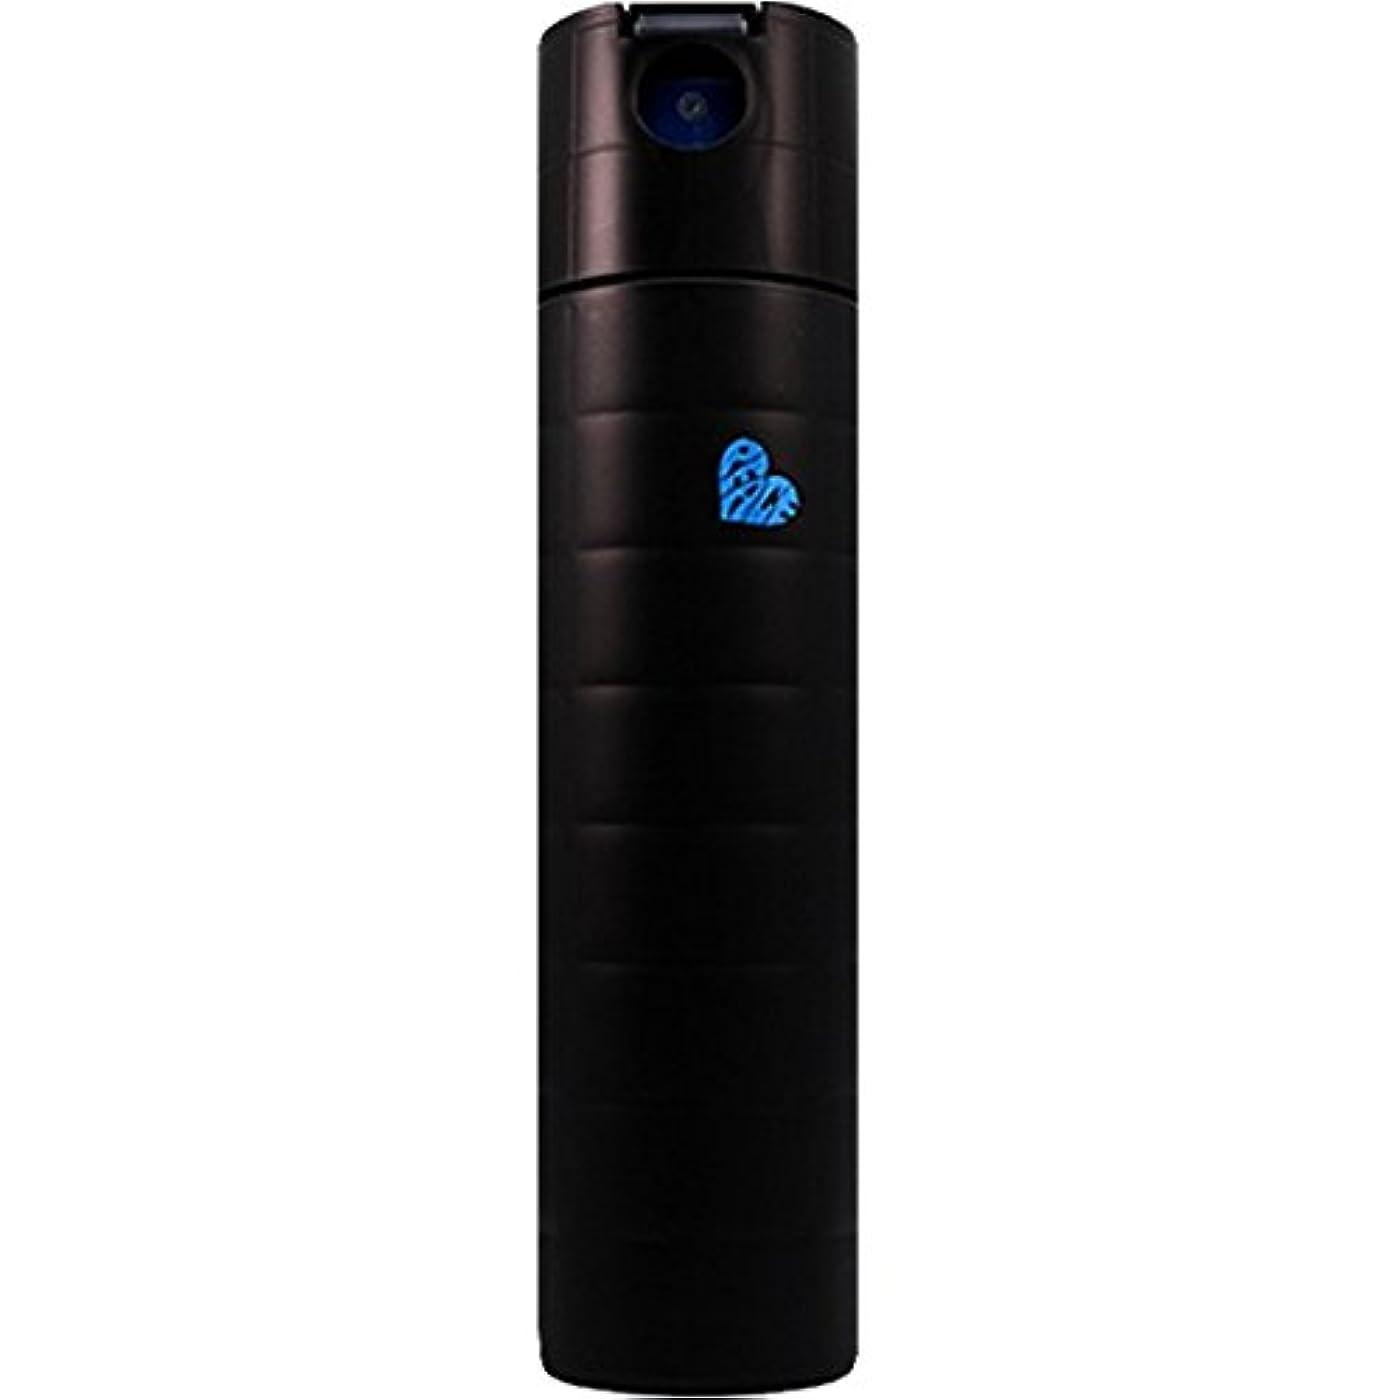 防止減少かわいらしいアリミノ ピース フリーズキープspray ブラック 140g (200ml) スプレーライン ARIMINO PEACE